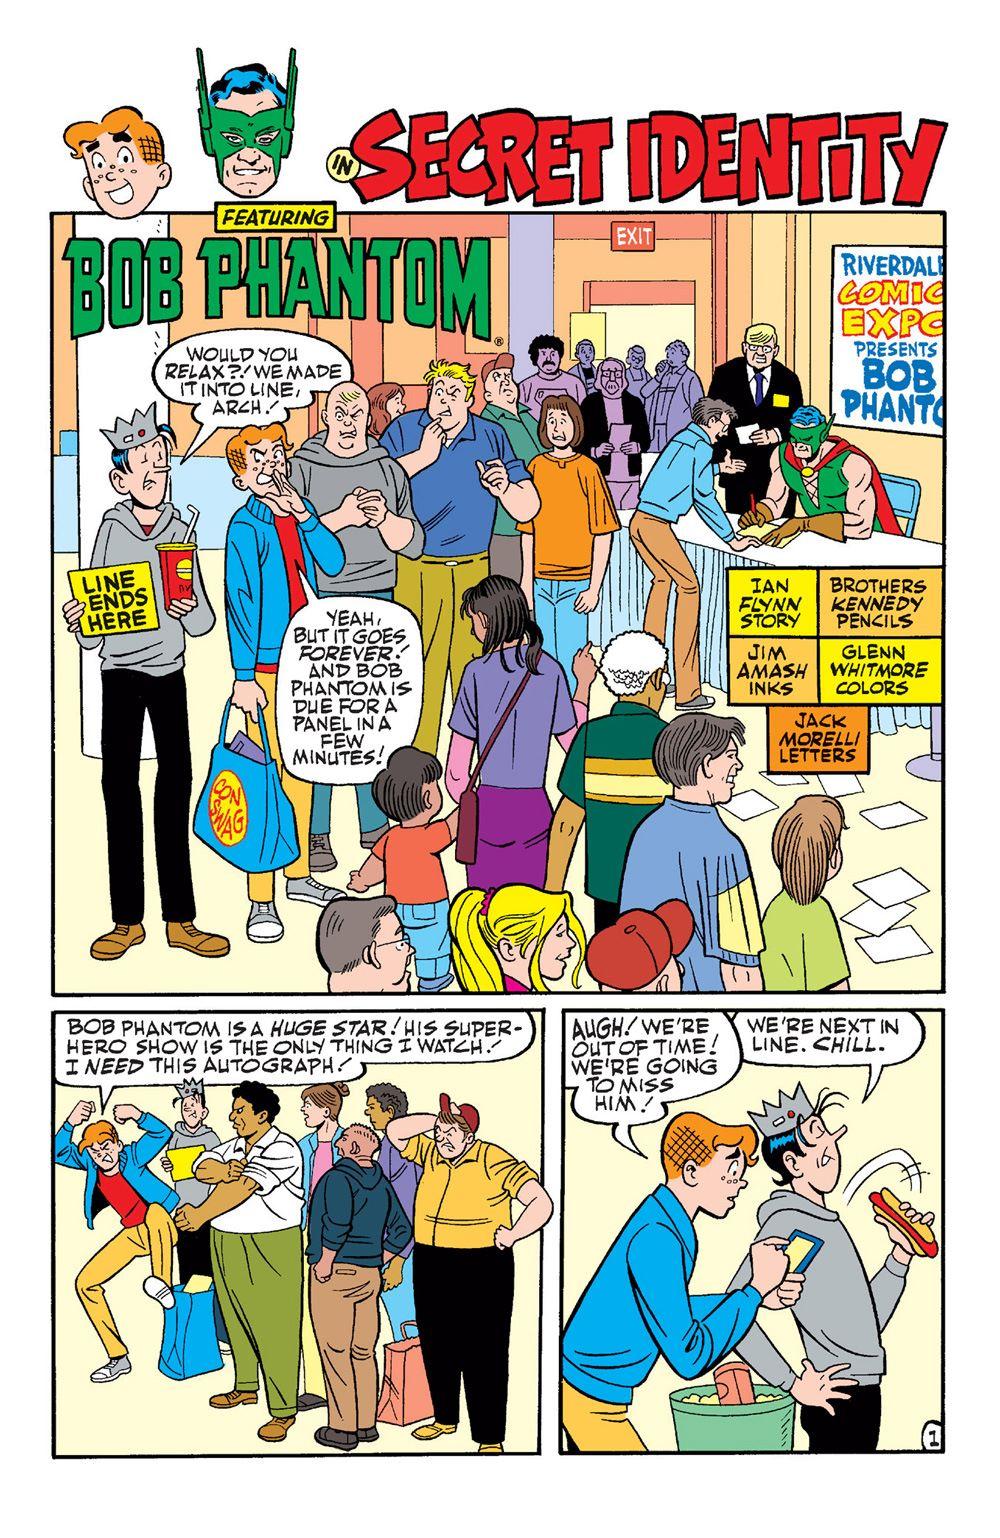 ArchieAndFriends_Superheroes-8 ComicList Previews: ARCHIE AND FRIENDS SUPERHEROES #1